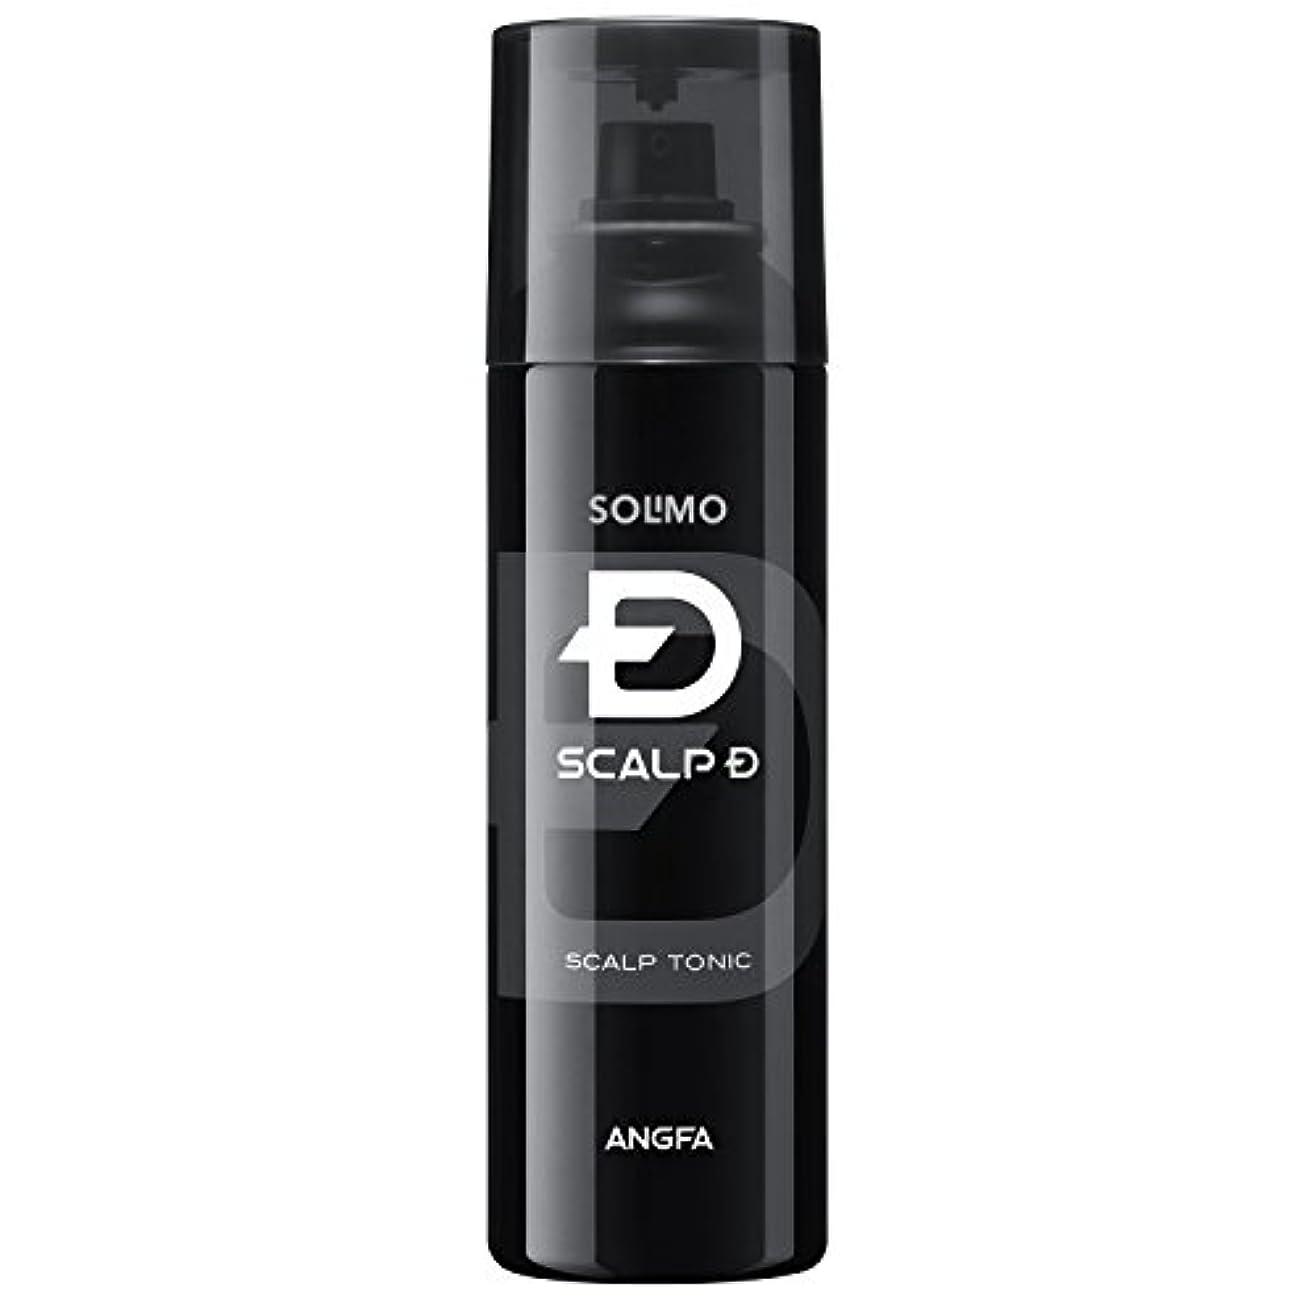 許す幻影レコーダー[Amazonブランド]SOLIMO スカルプD スカルプトニック 180ml